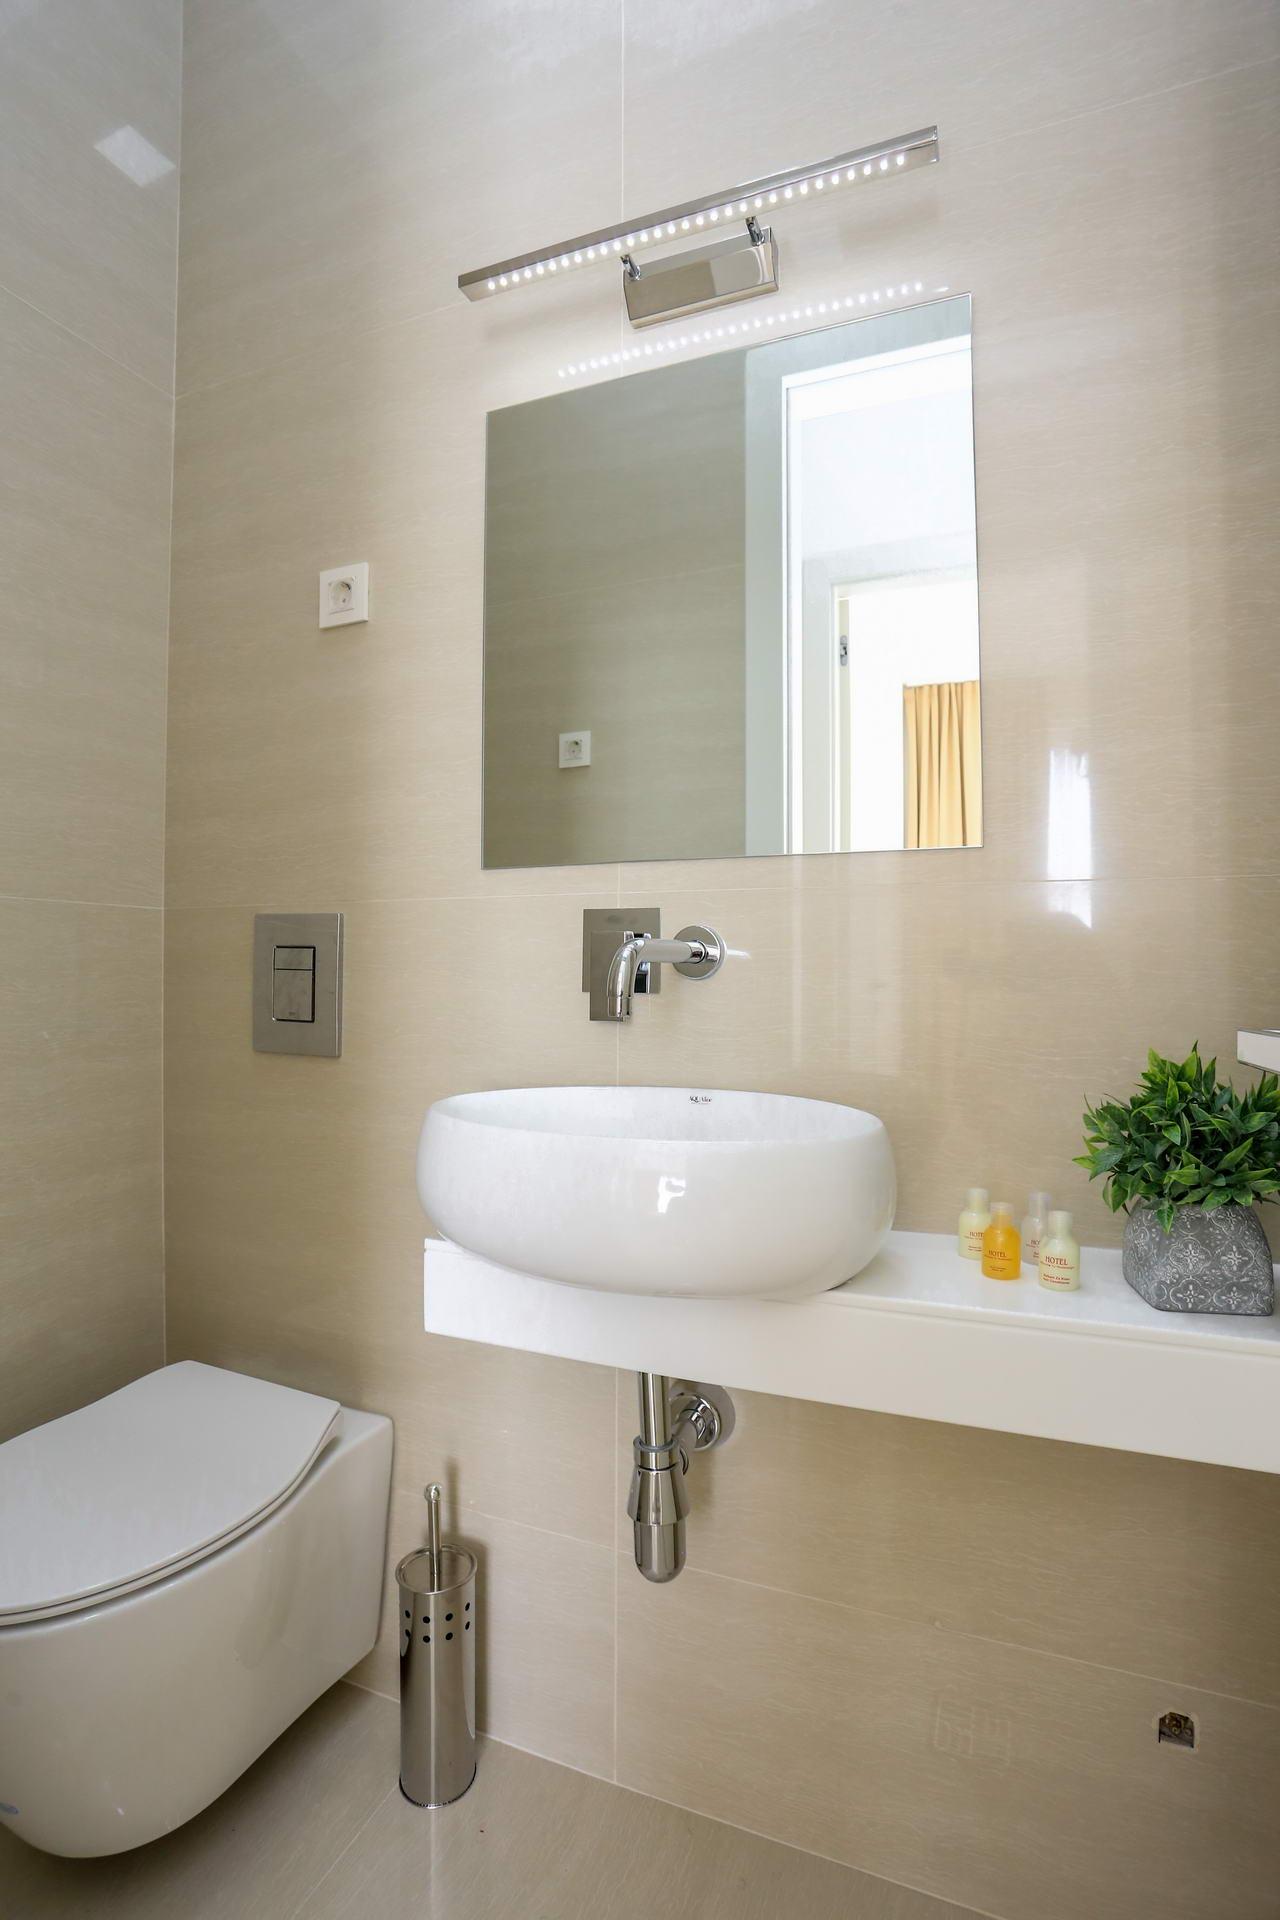 amforaproperty.com/Moderan, nov penthouse od 73m2 sa dvije spavaće sobe, terasom, veličanstvenim pogledom na more i okolinu. Bečići